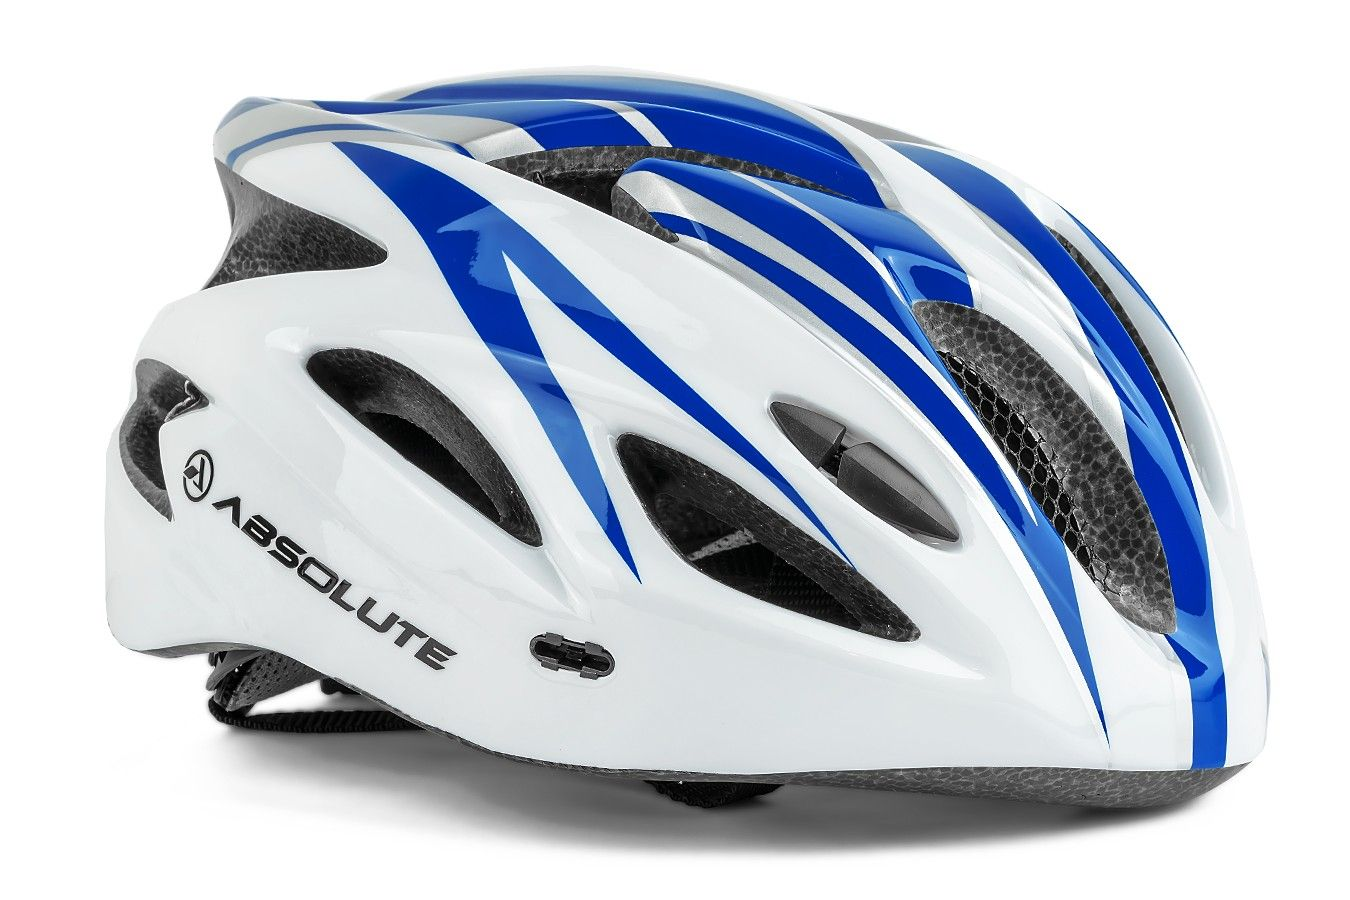 Capacete Absolute Branco/Azul Com Led Sinalizador G